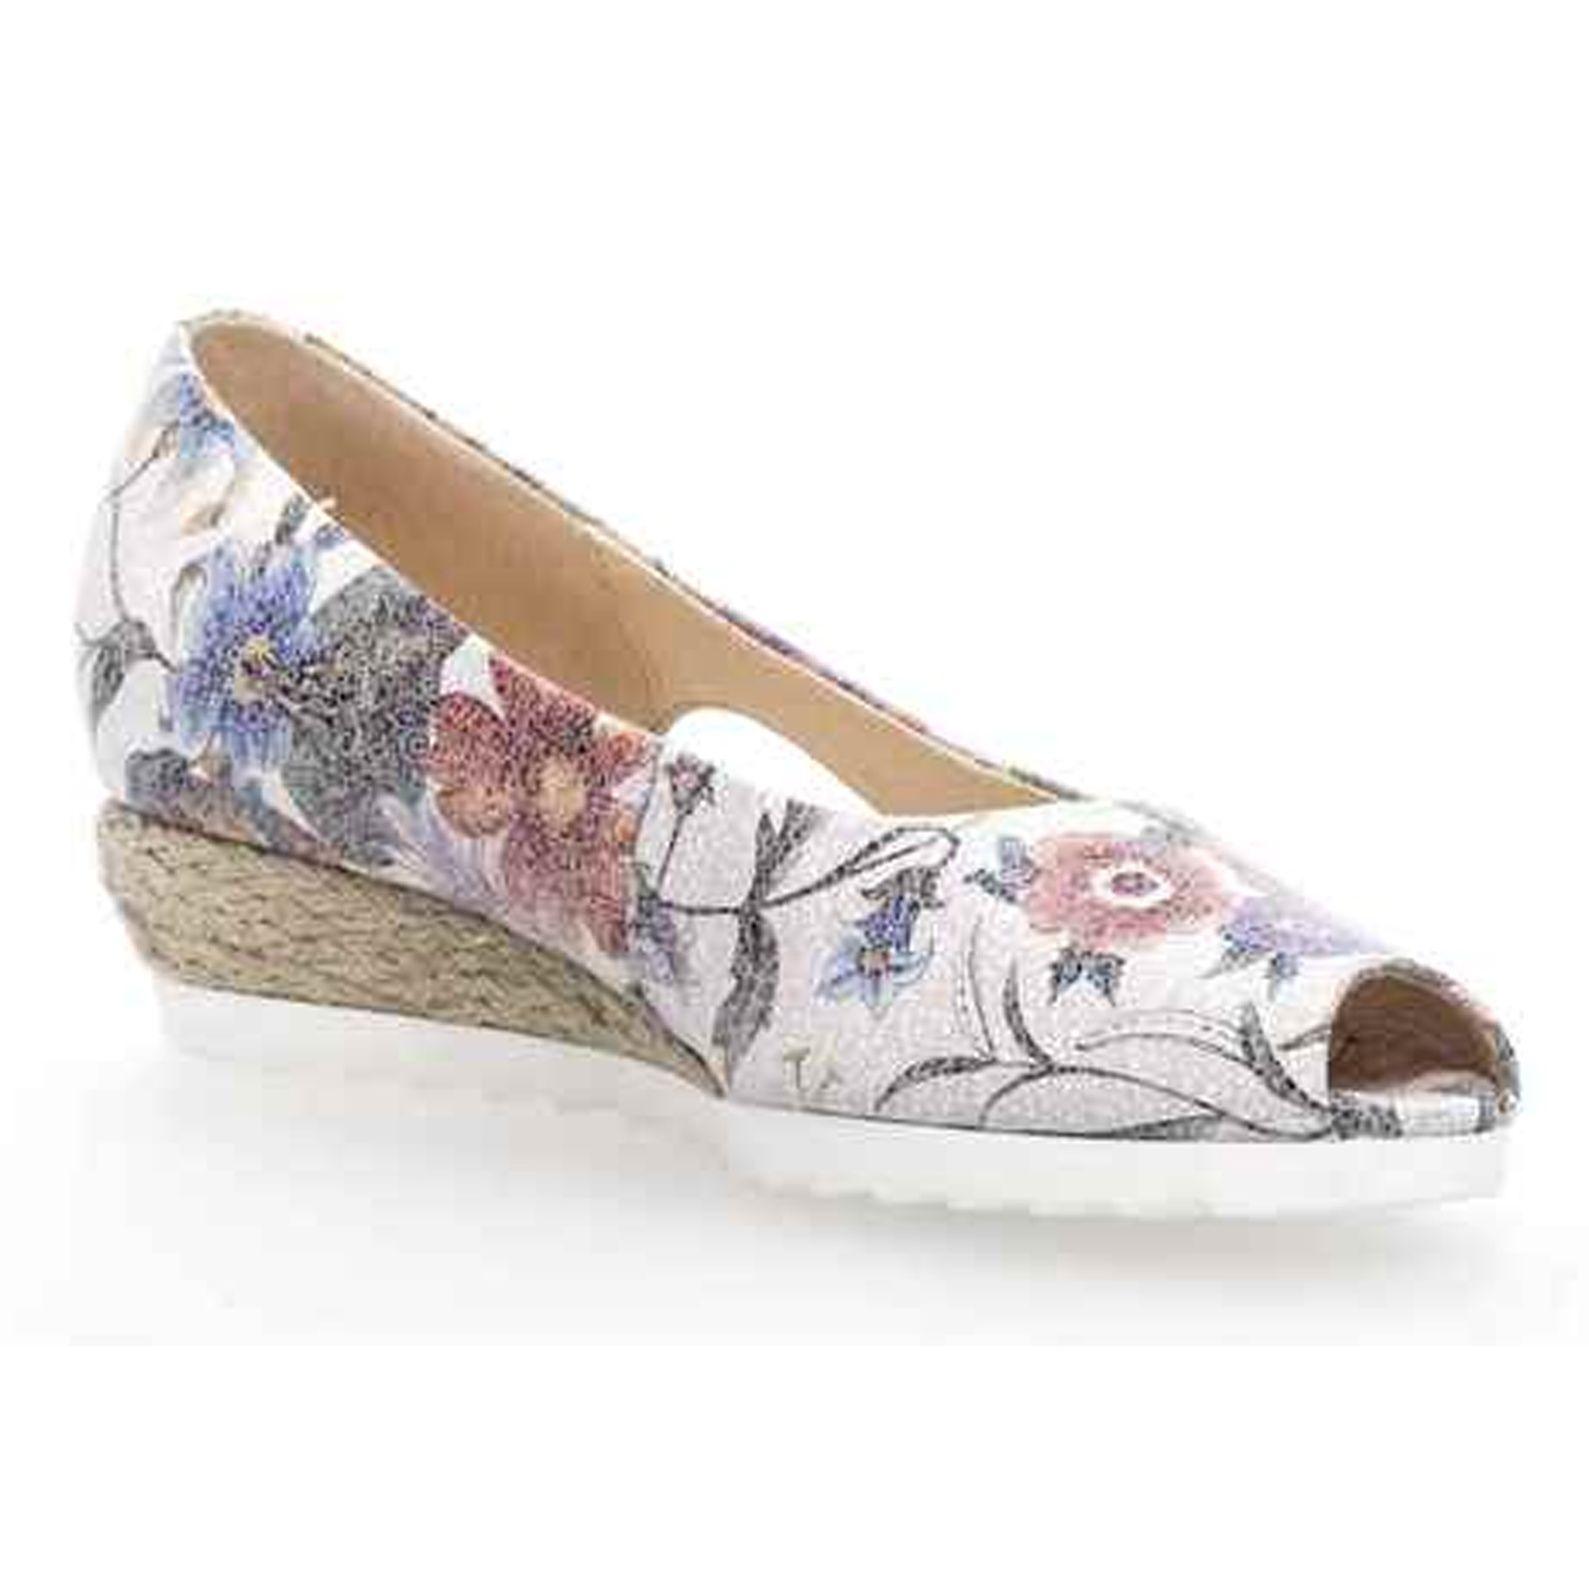 کفش زنانه گابور مدل 82.630.38 main 1 6